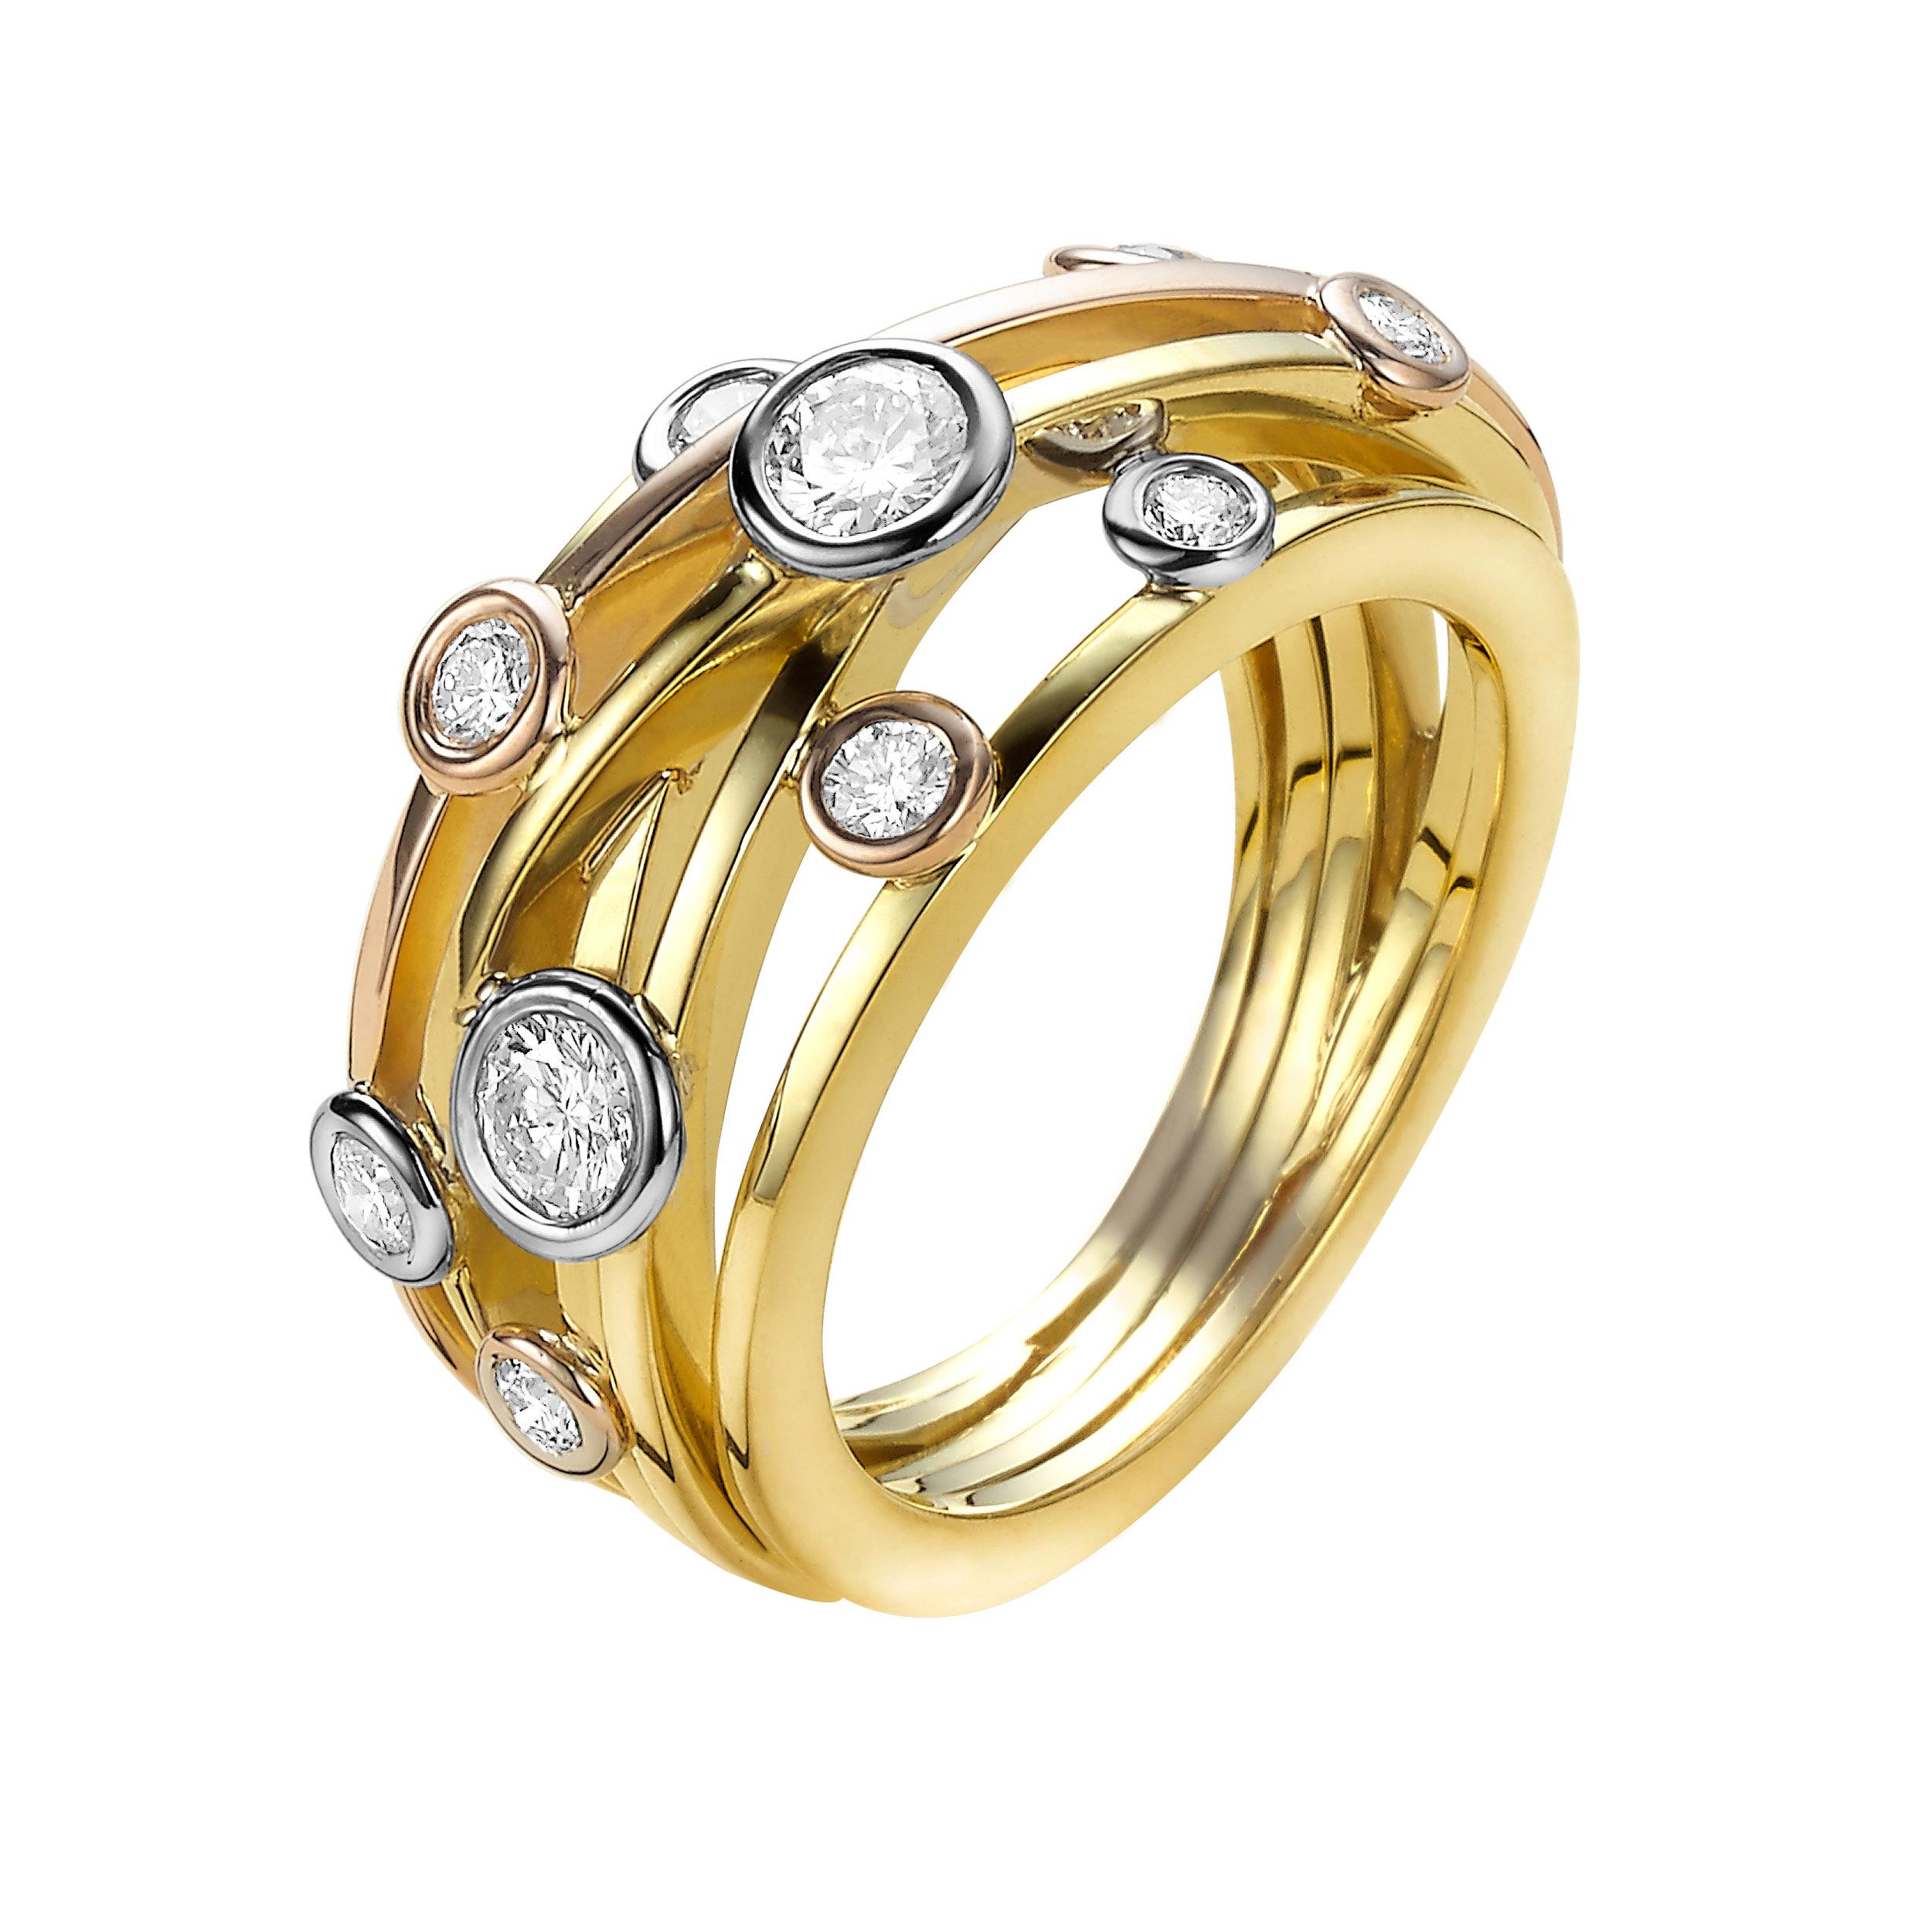 L'Or - Depuis sa découverte, l'or captive l'imagination de l'homme. C'est l'un des métaux les plus rares sur terre. Grâce à sa brillance particulière et à sa résistance totale à la rouille, il est utilisé depuis le début de la civilisation pour réaliser des bijoux.L'or pur est un métal très mou. Un gramme d'or peut être laminé en une plaque d'une superficie d'un mètre carré. Pour pouvoir utiliser l'or en bijouterie, il faut d'abord le durcir. Un alliage avec un autre métal comme l'argent, le cuivre ou le palladium permet d'y parvenir. Les métaux utilisés dans cet alliage définissent également la couleur de l'or. Les couleurs les plus courantes pour les bijoux sont le jaune, le blanc et le rose.L'or blanc non travaillé a une apparence légèrement jaunâtre. C'est pourquoi les bijoux en or blanc sont revêtus d'une couche de rhodium, un métal très dur de couleur blanche brillante.Le degré de pureté de l'or est indiqué en carat (à ne pas confondre avec le carat des pierres précieuses). 24 carats désignent l'or pur, 22 carat l'or pur à 91,6 %, 18 l'or pur à 75 % et l'or 14 carats présentent une teneur en or de 58,5 %. L'or 18 carats est de loin le plus approprié en bijouterie. C'est pourquoi, chez Van der Veken Juweliers, nous n'utilisons que l'or 18 carats.